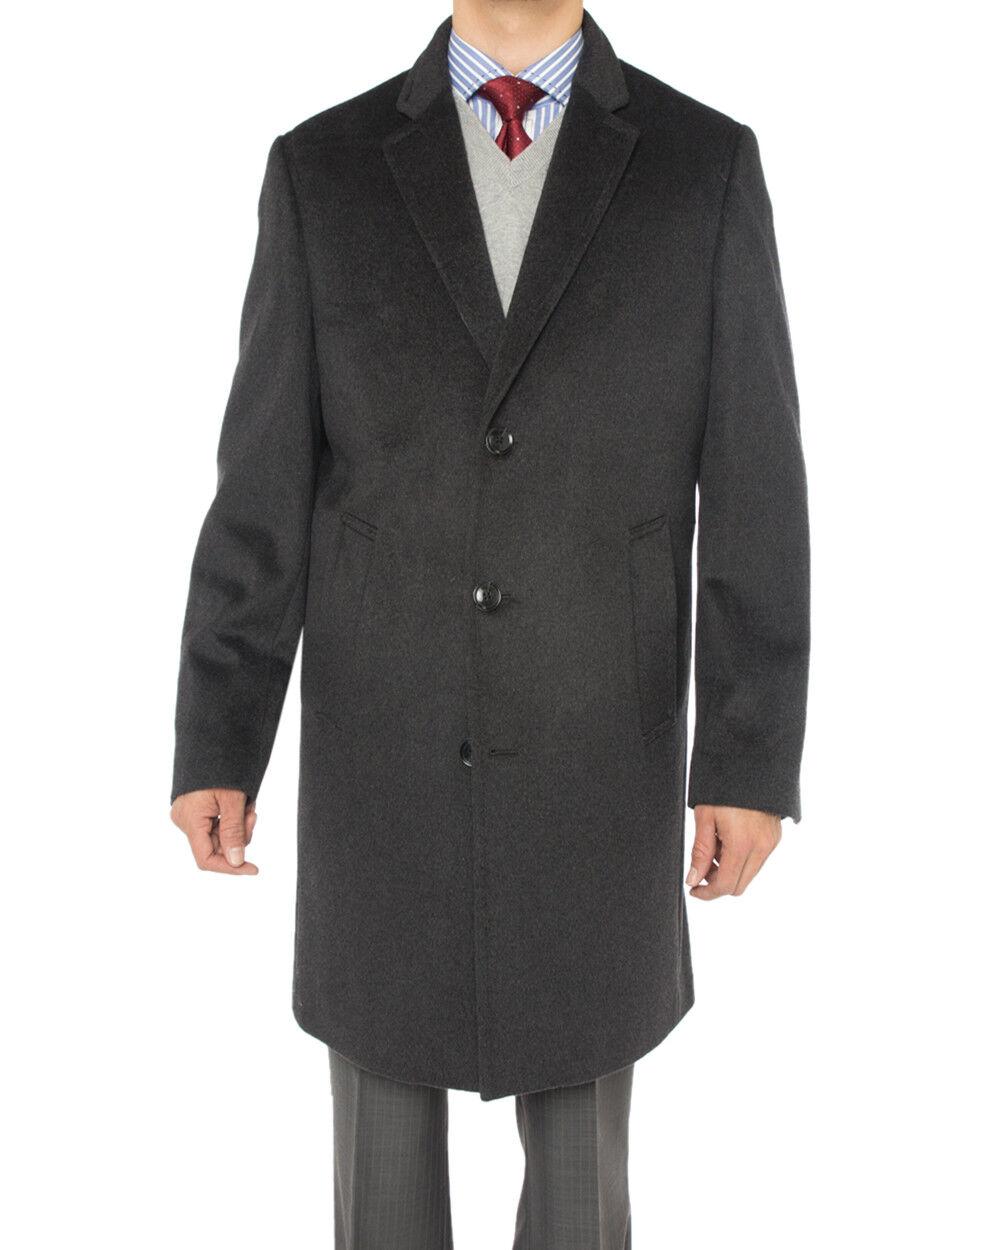 Luciano Natazzi  Herren Cashmere Wool Overcoat Knee Length Trench Coat Topcoat